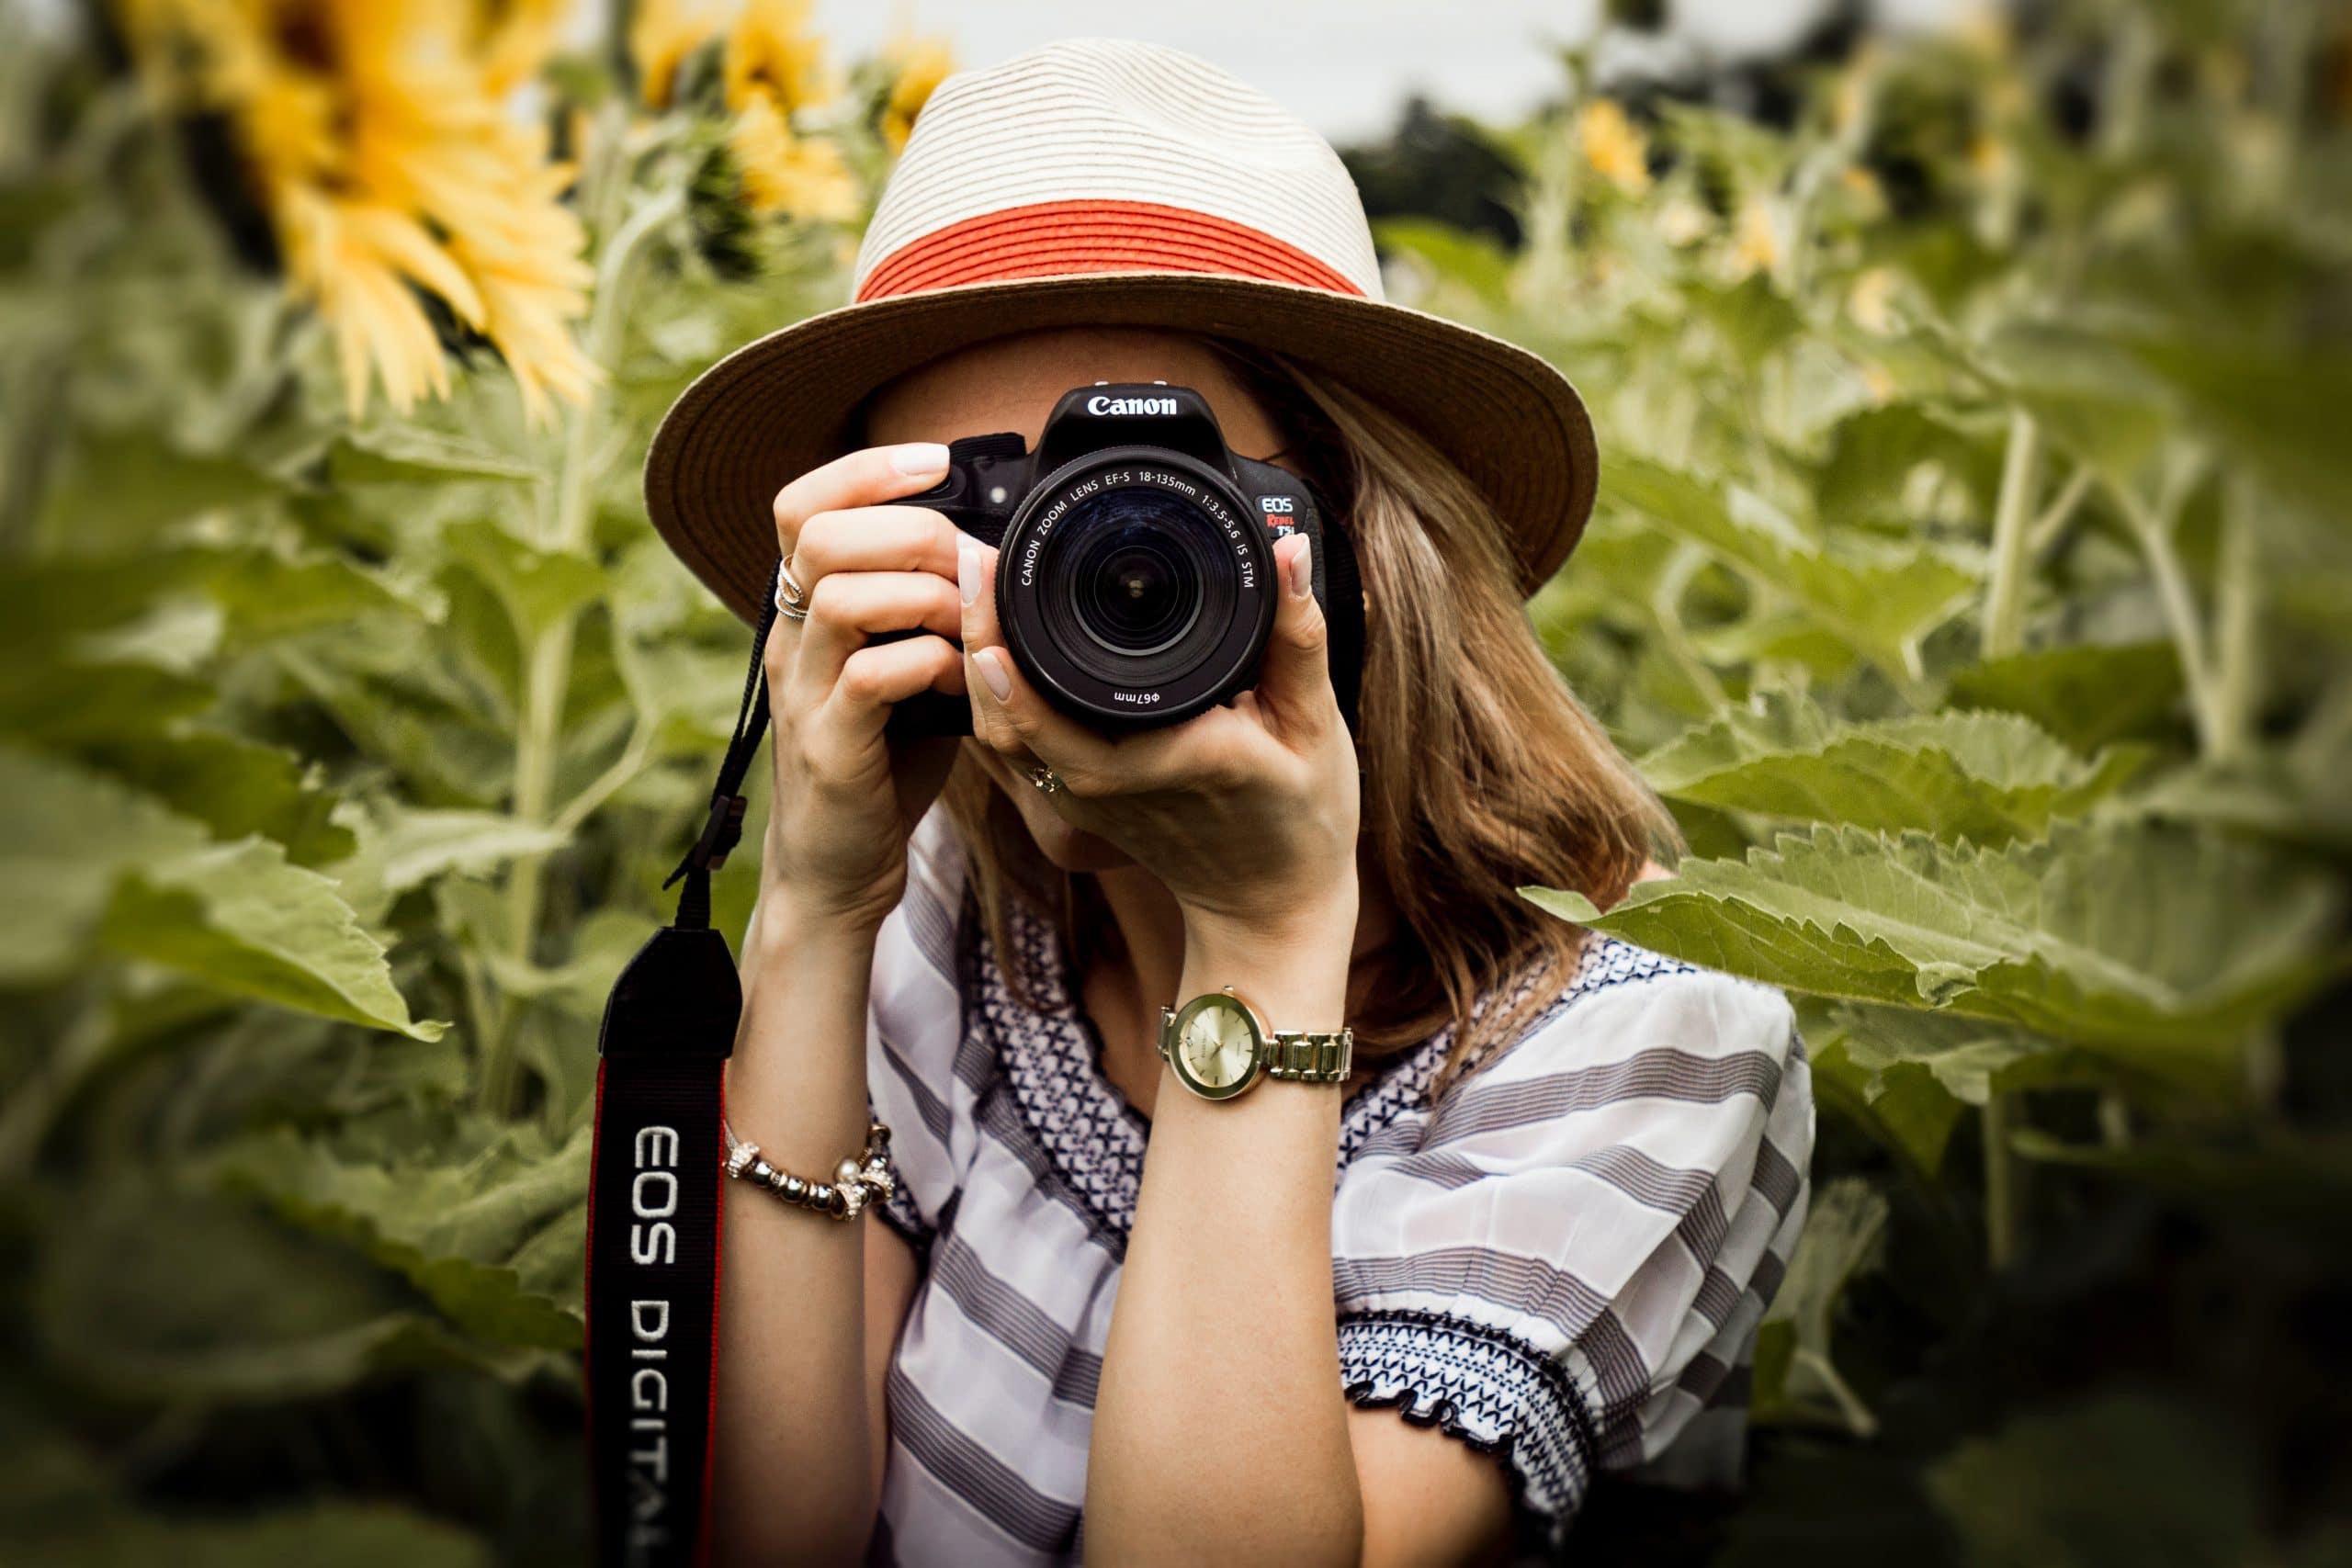 Professionele fotoshoot foto's bedrijfsfoto flyers social media fotootje